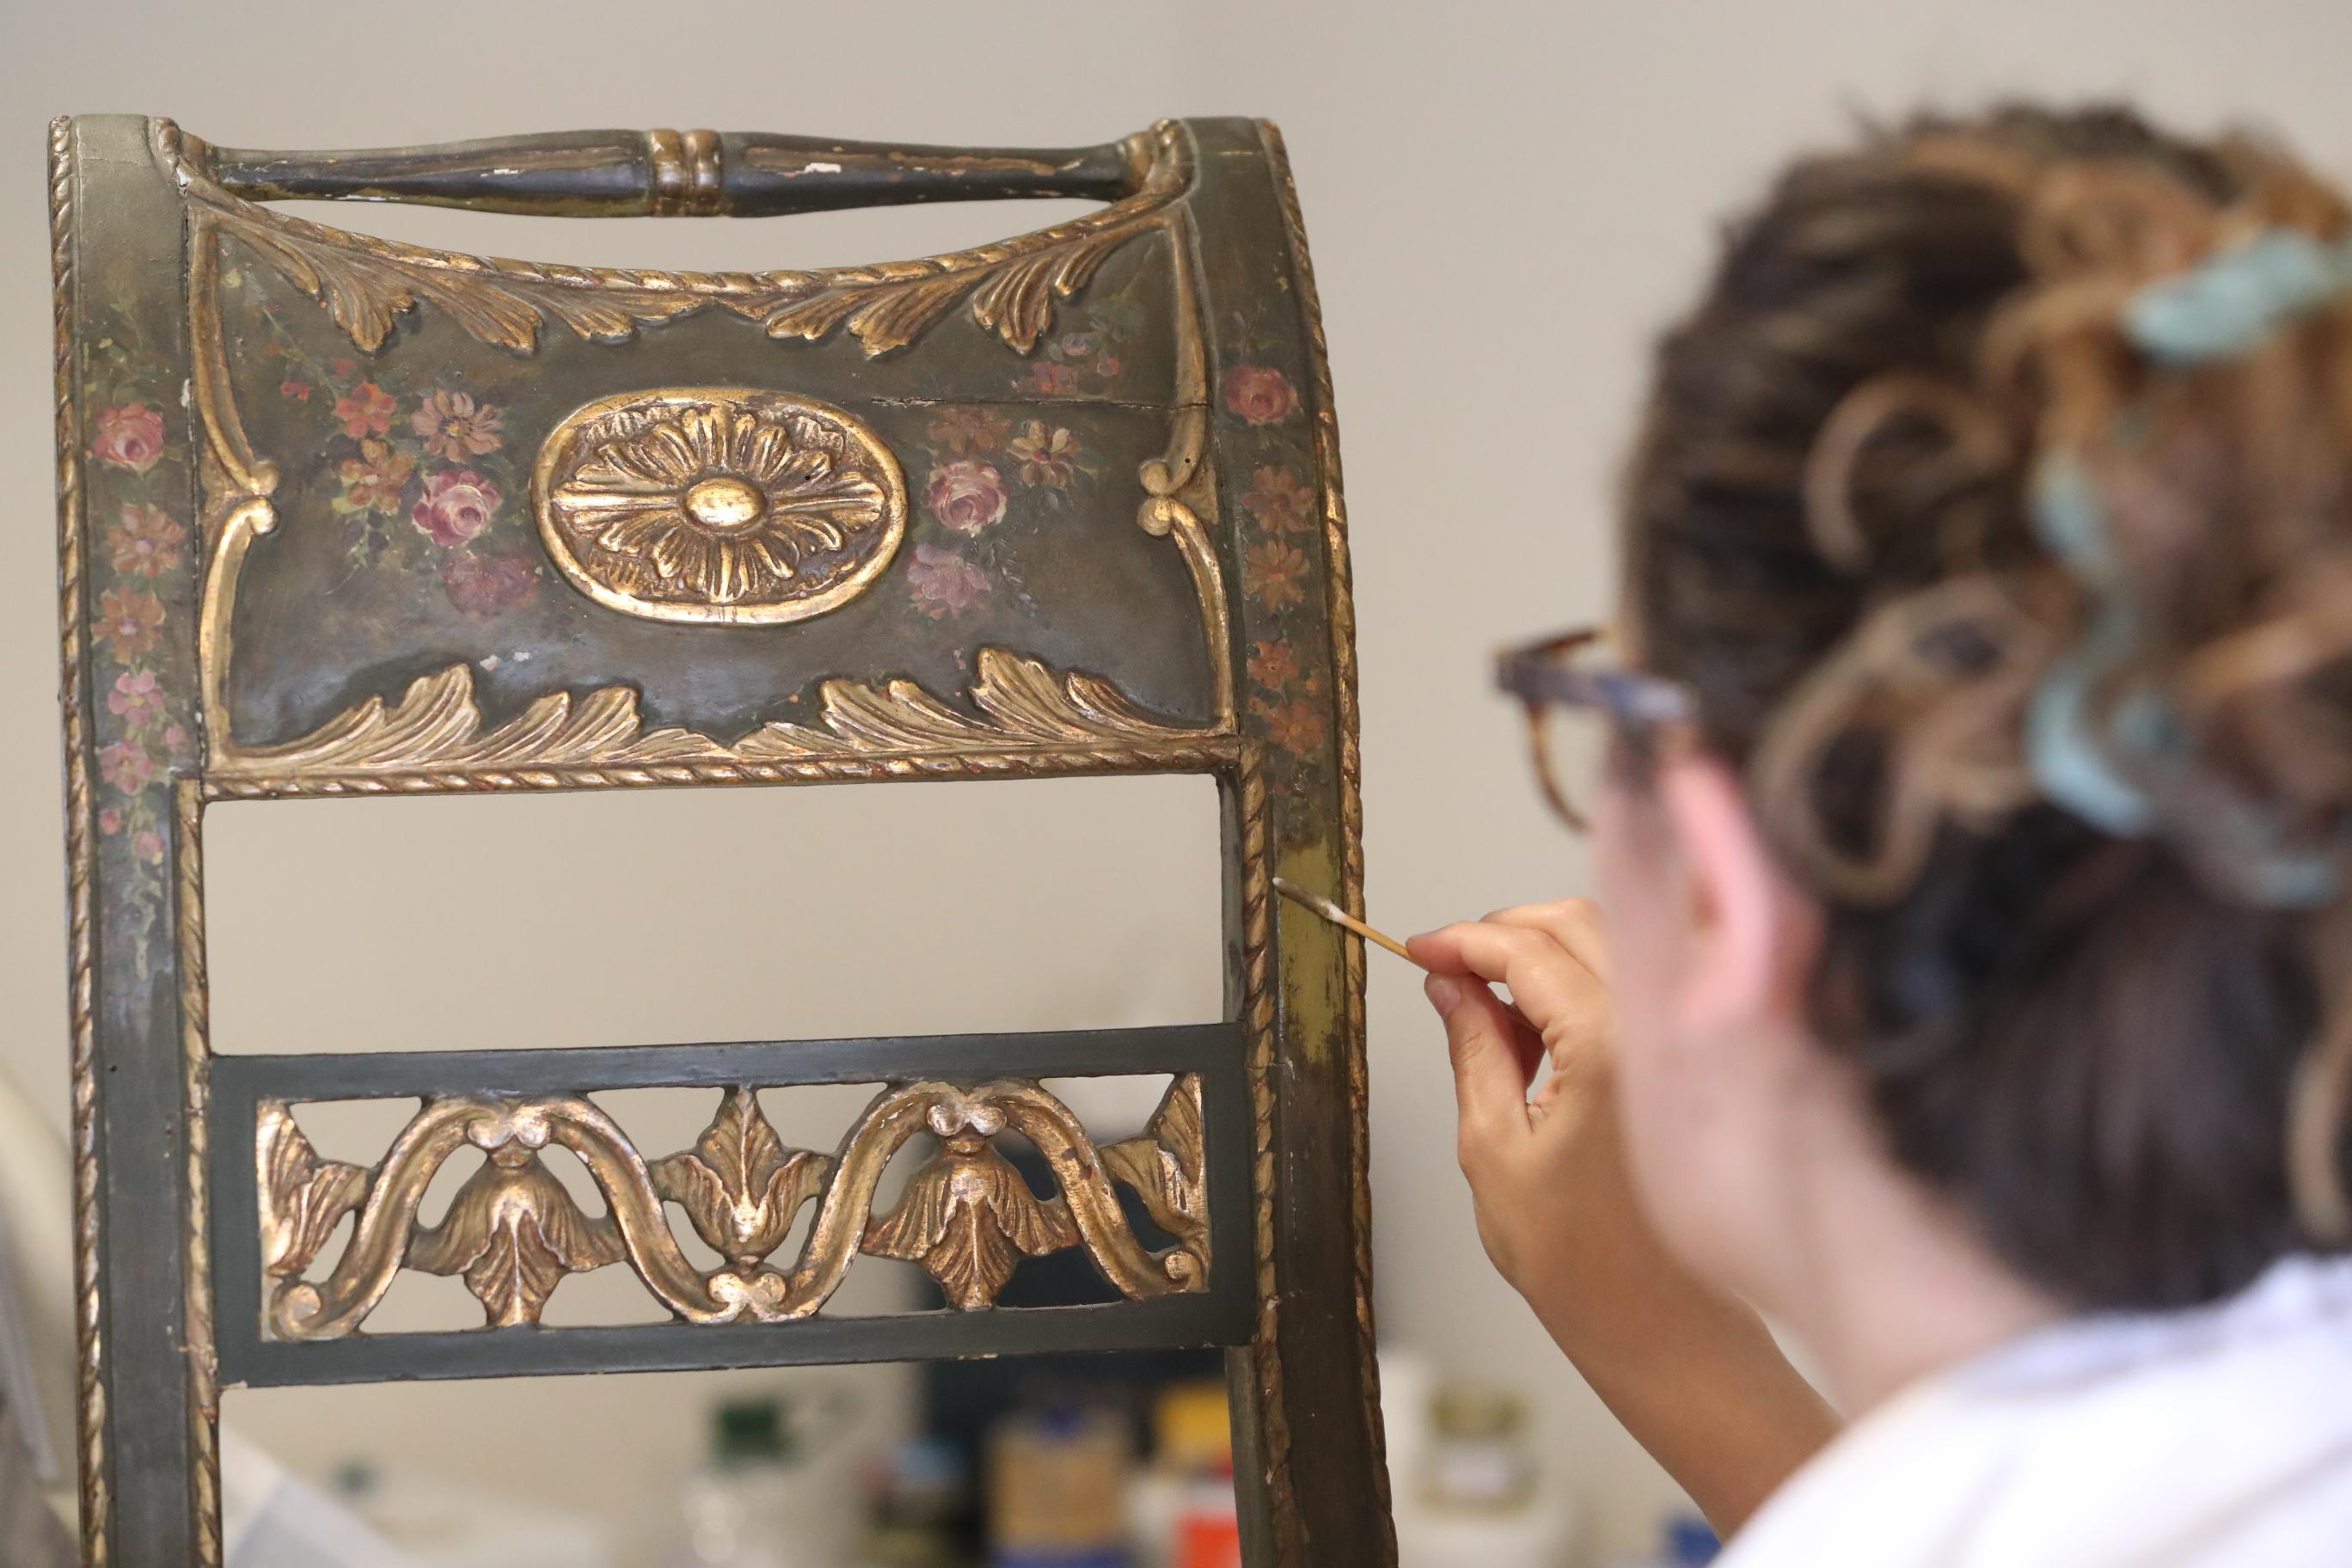 Al via il restauro del salottino di palazzo mirto le foto